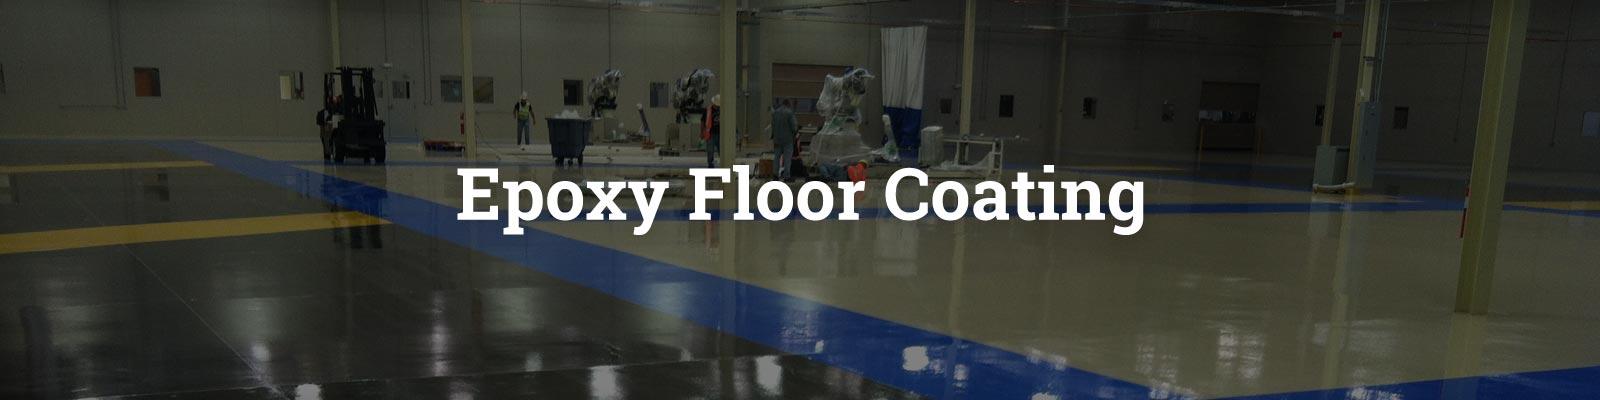 metro carpets tile nashville hardwood tennessee carpet laminate floors products flooring